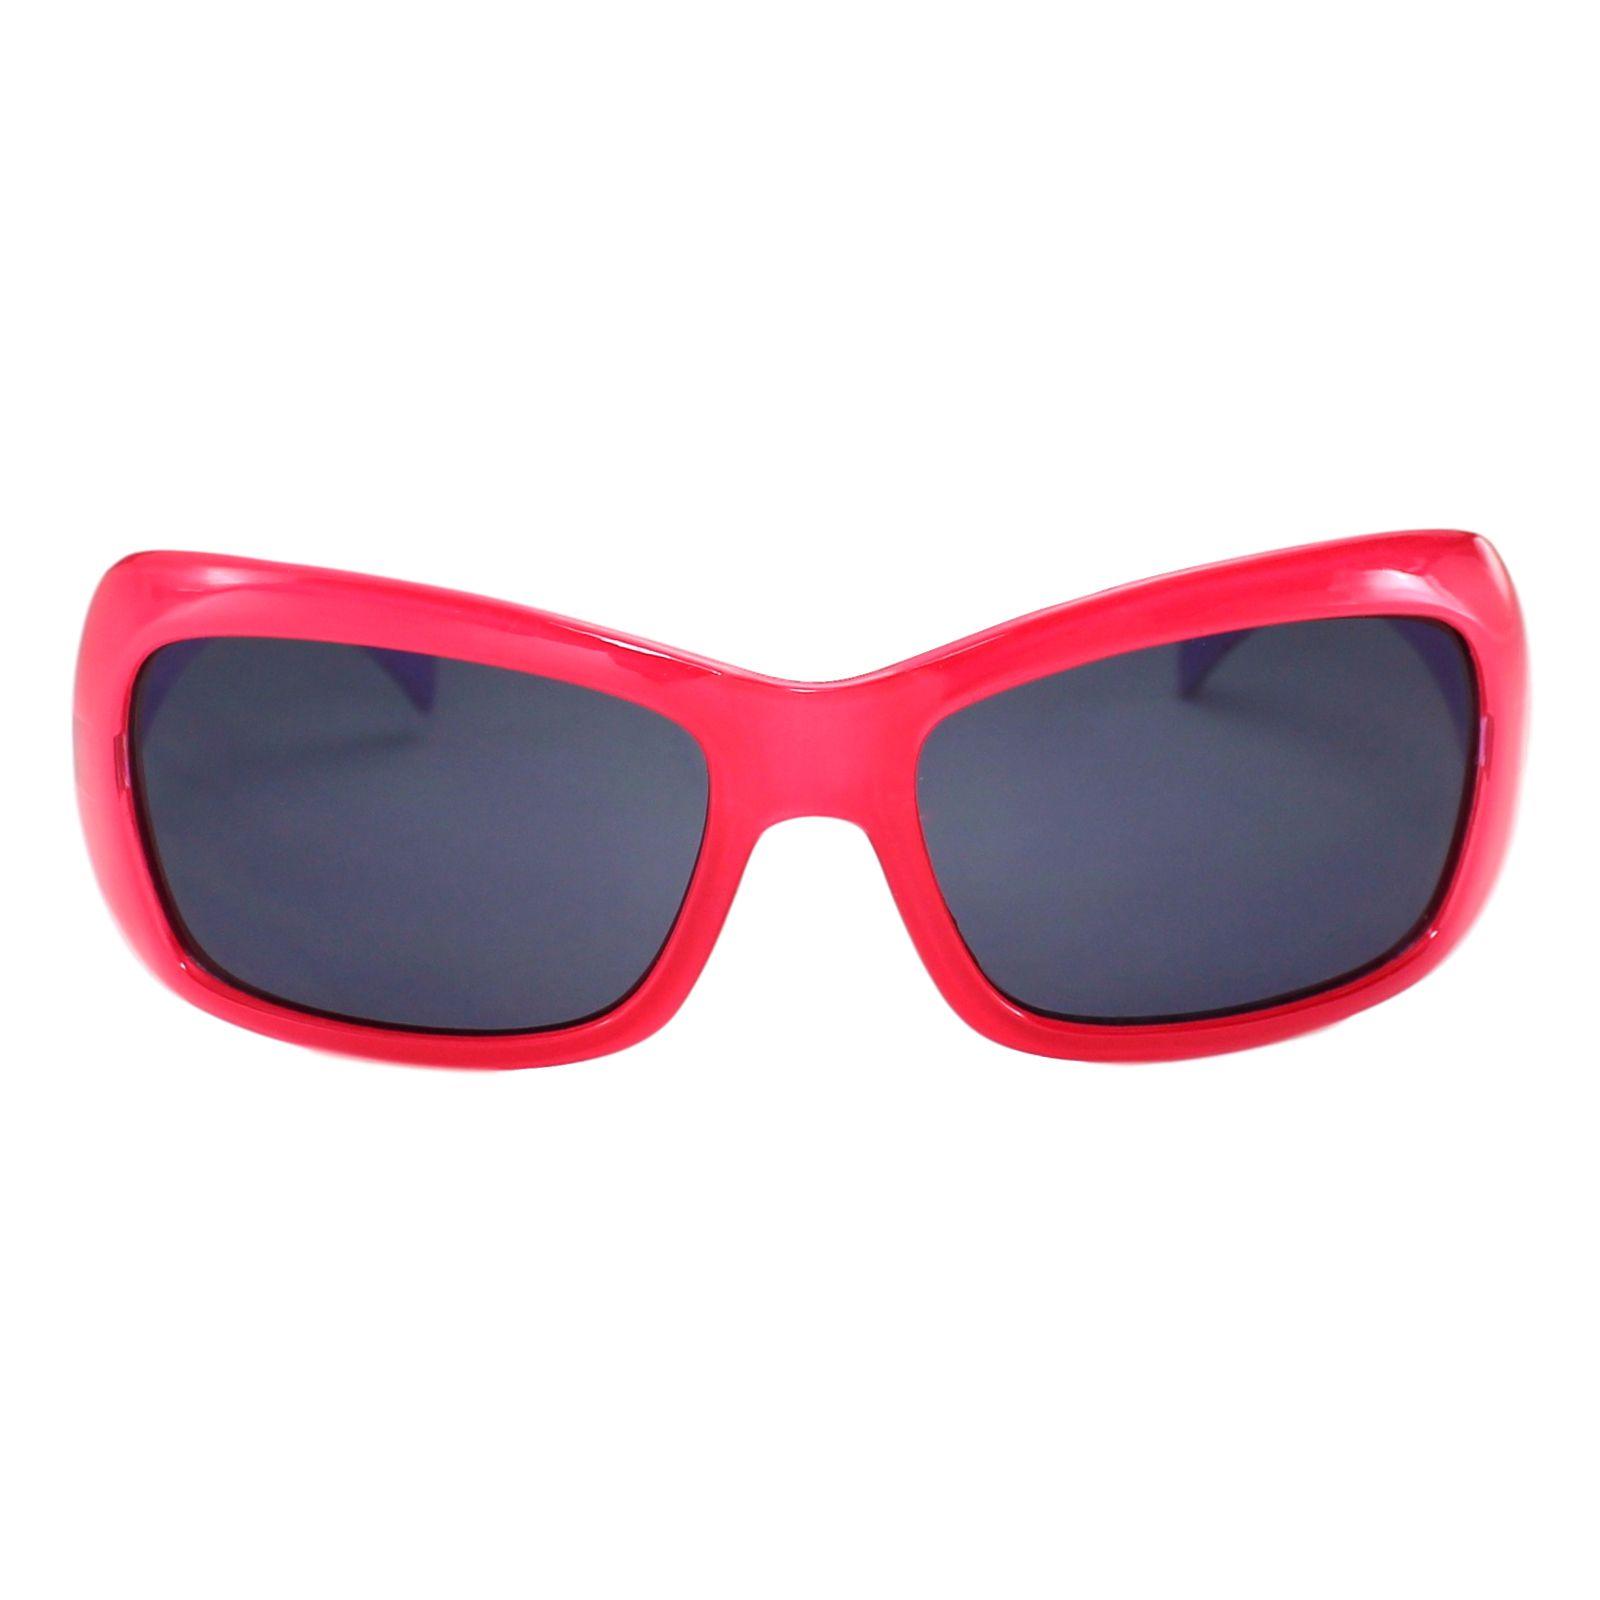 Óculos de Sol Díspar ID1734 Poá Infantil 6 a 9 anos - Proteção UV400 - Vermelho